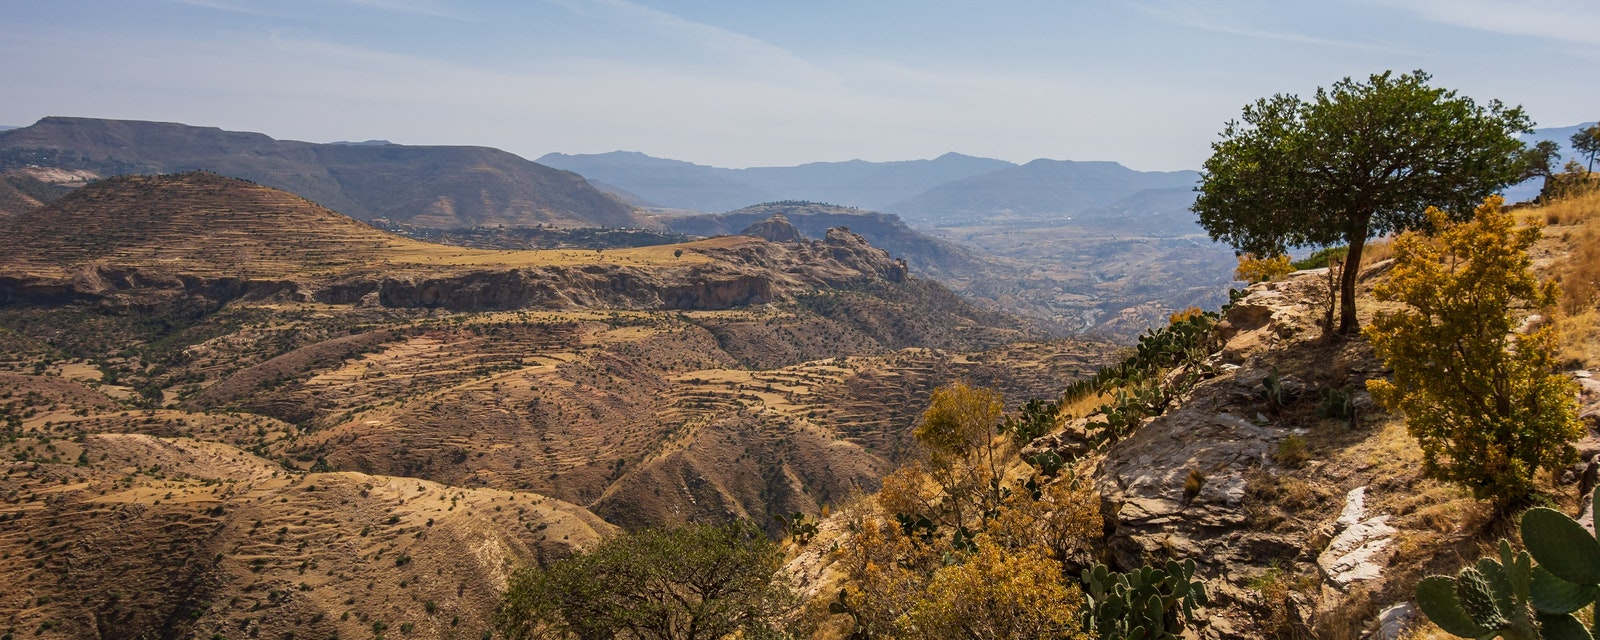 View,From,Debre,Damo,Montain,In,Tigray,Region,,Ethiopia.